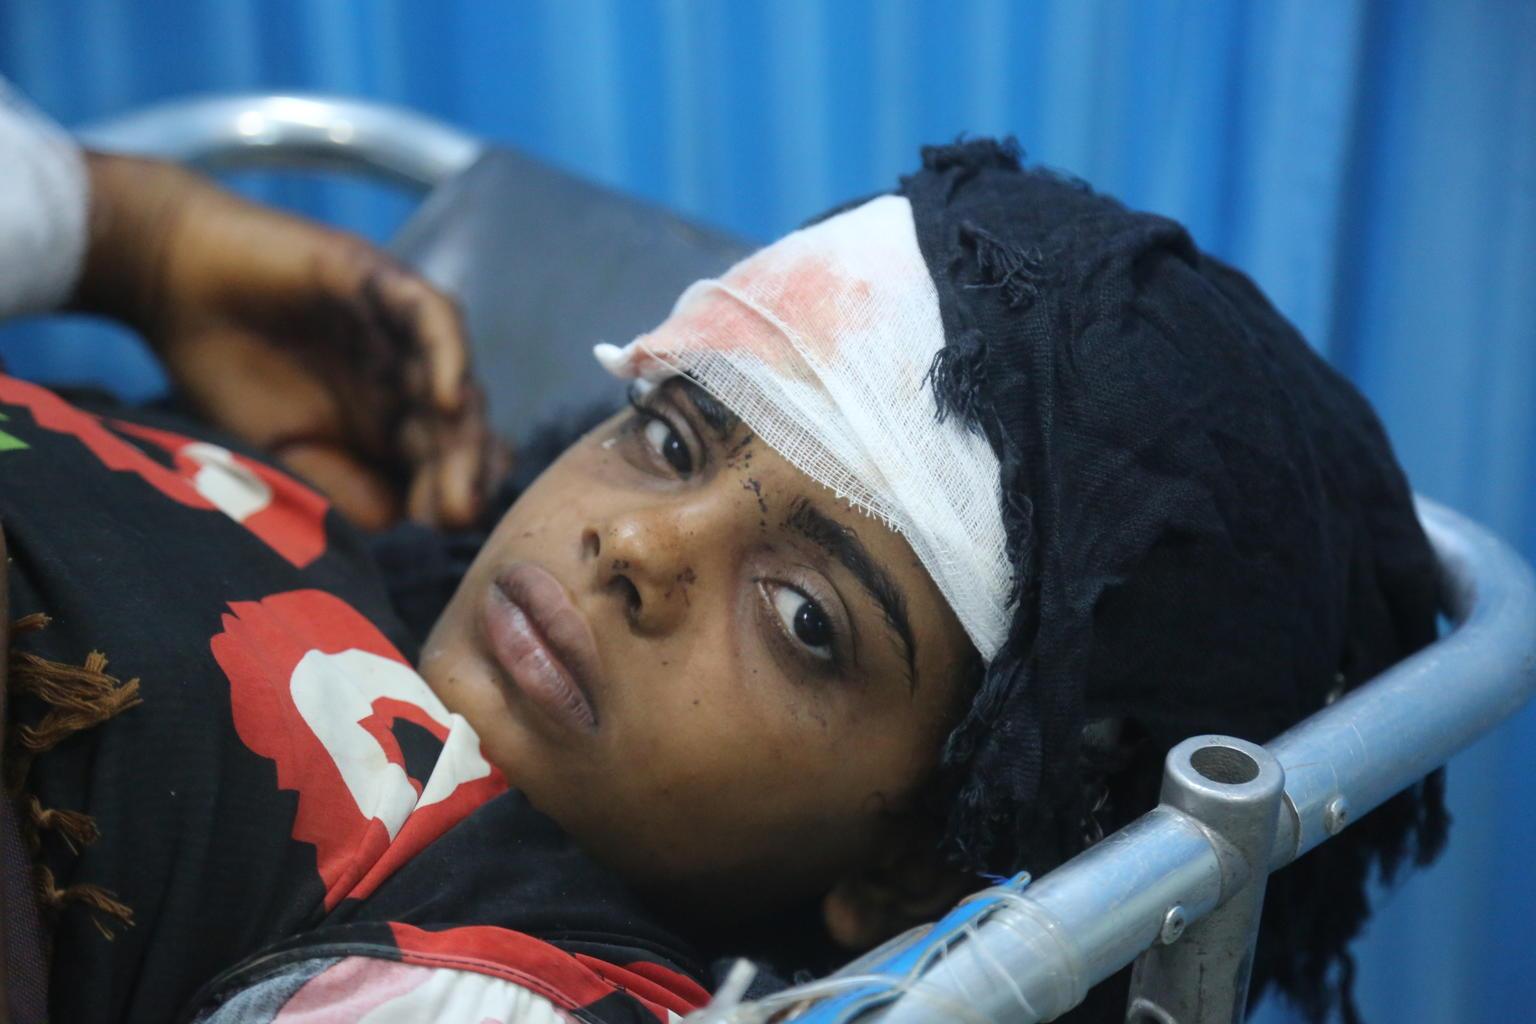 Isku koulubussiin on pahinta, mitä Jemenin kriisissä on tapahtunut – näin UNICEF auttaa